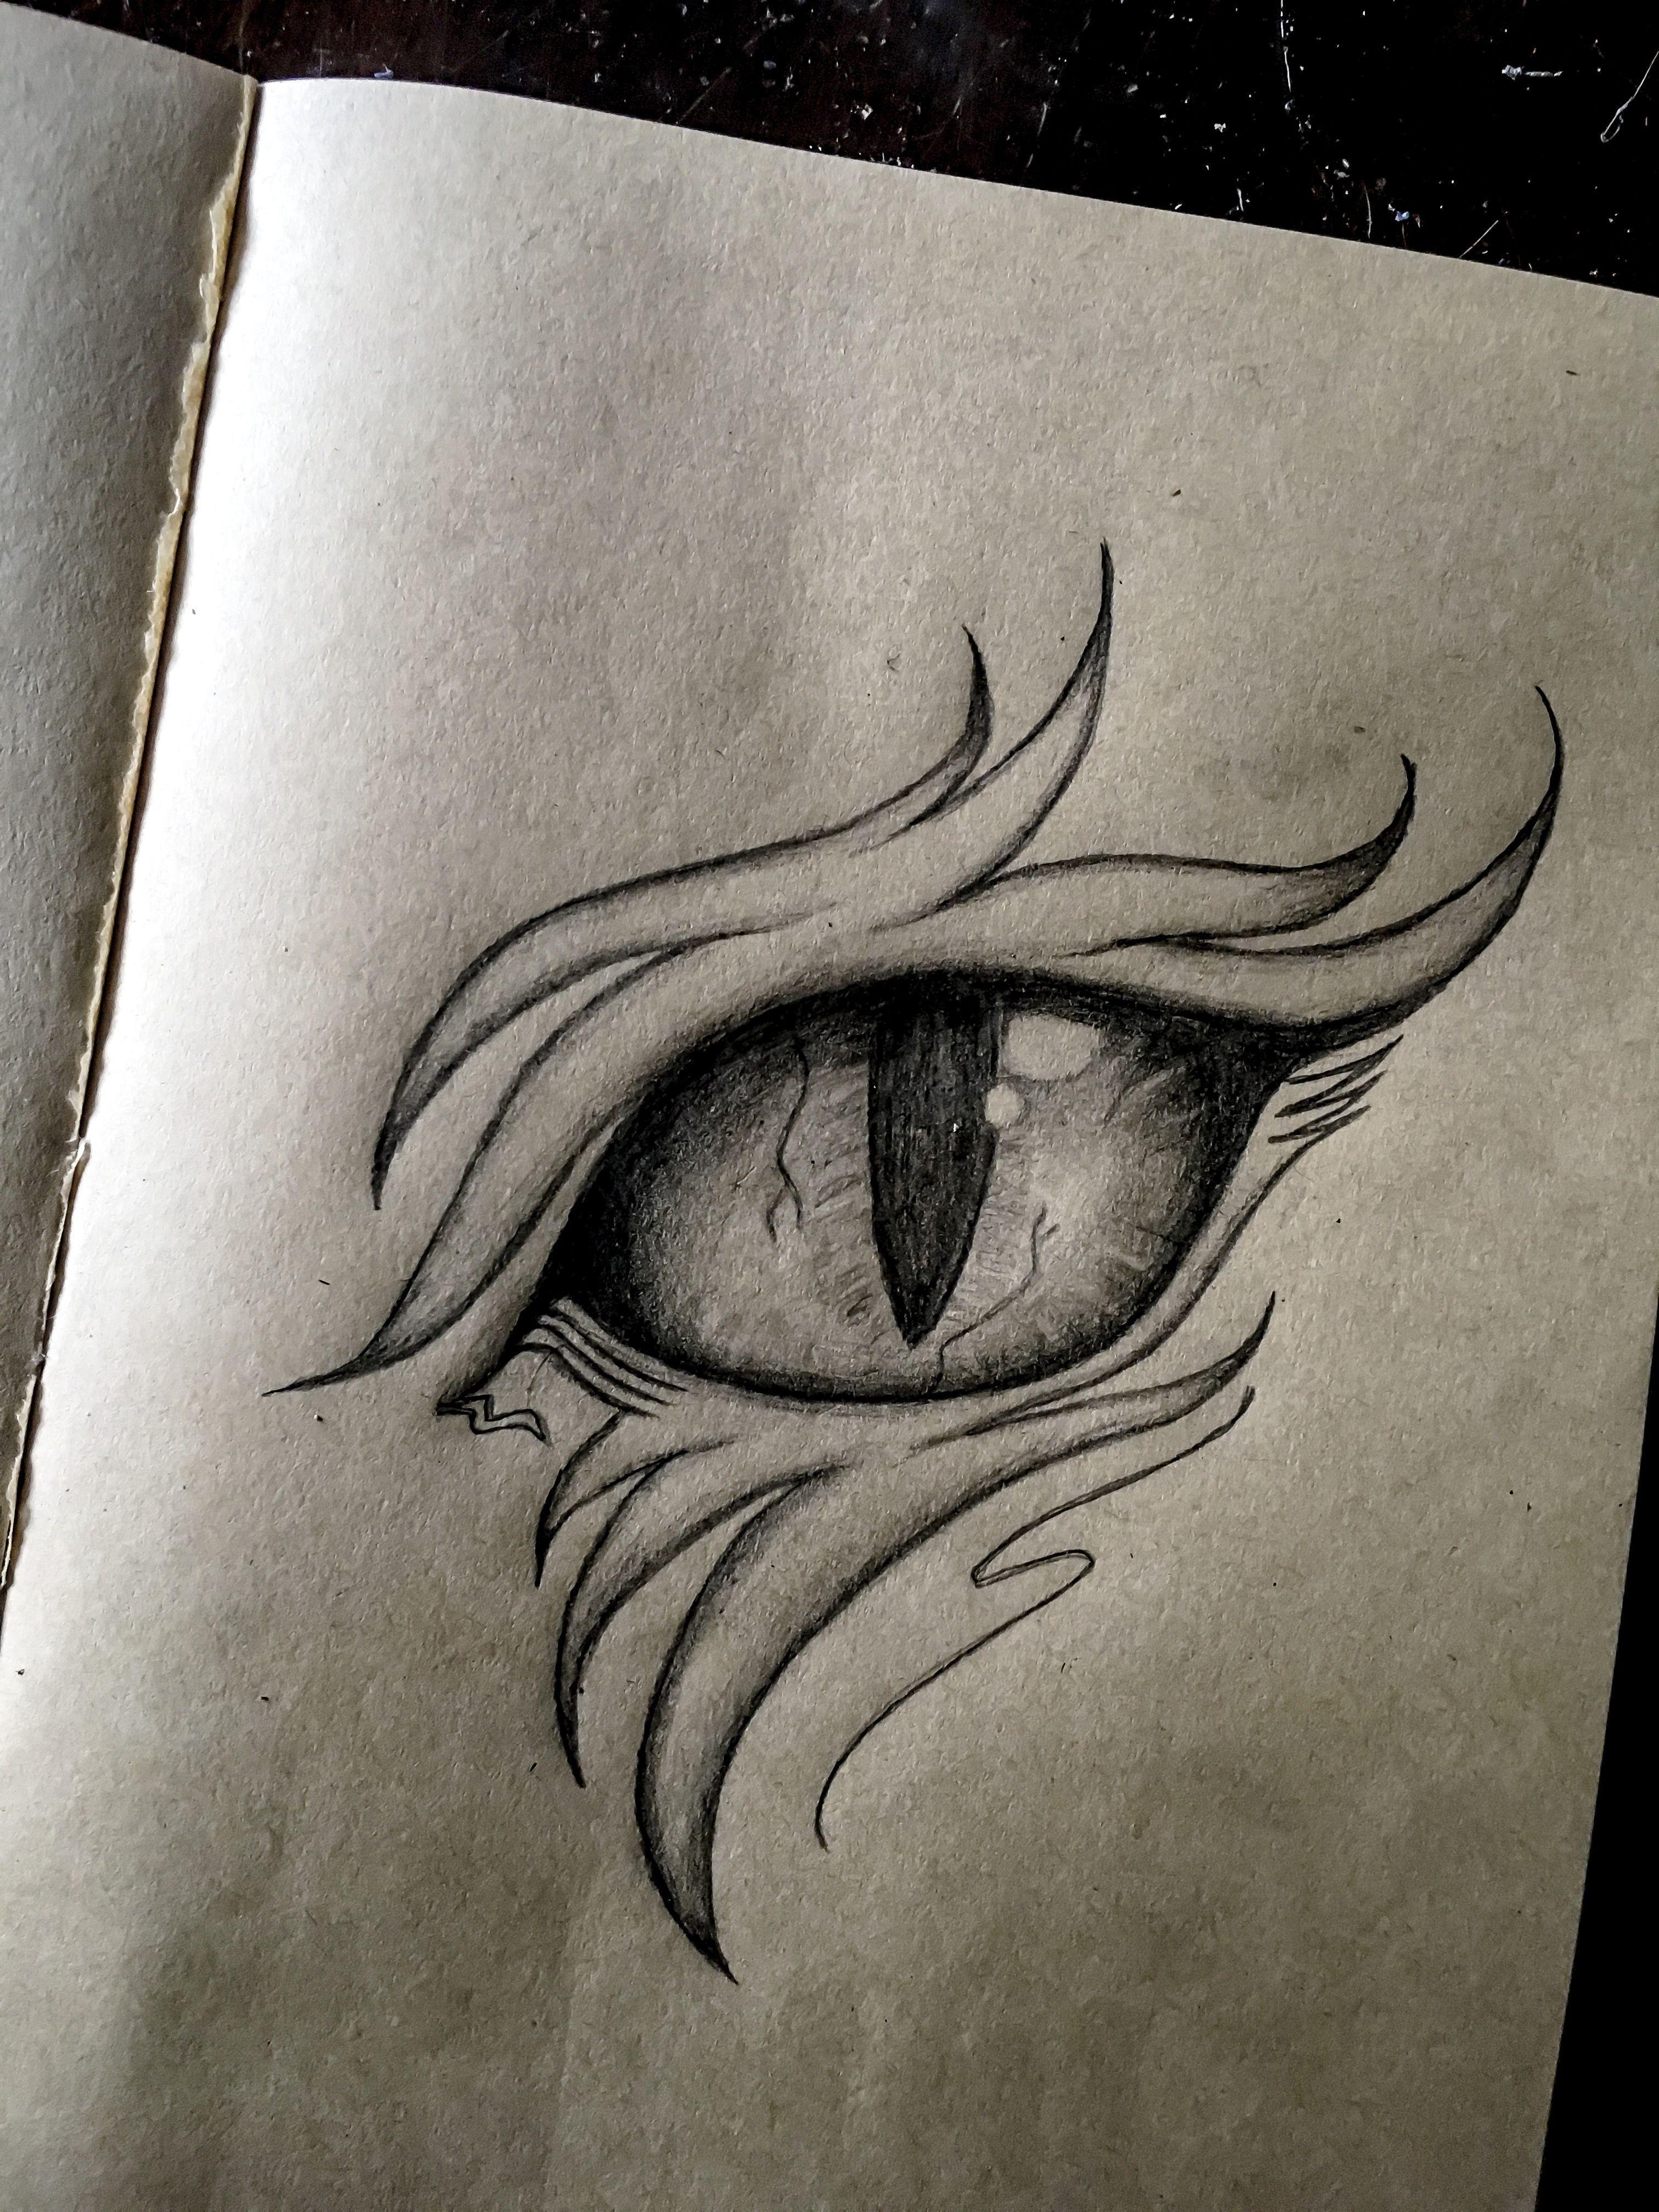 Doodle Tattoo Idea Drawing Doodletattoo Drawing Idea Doodle Tattoo Cool Art Drawings Art Drawings Sketches Pencil